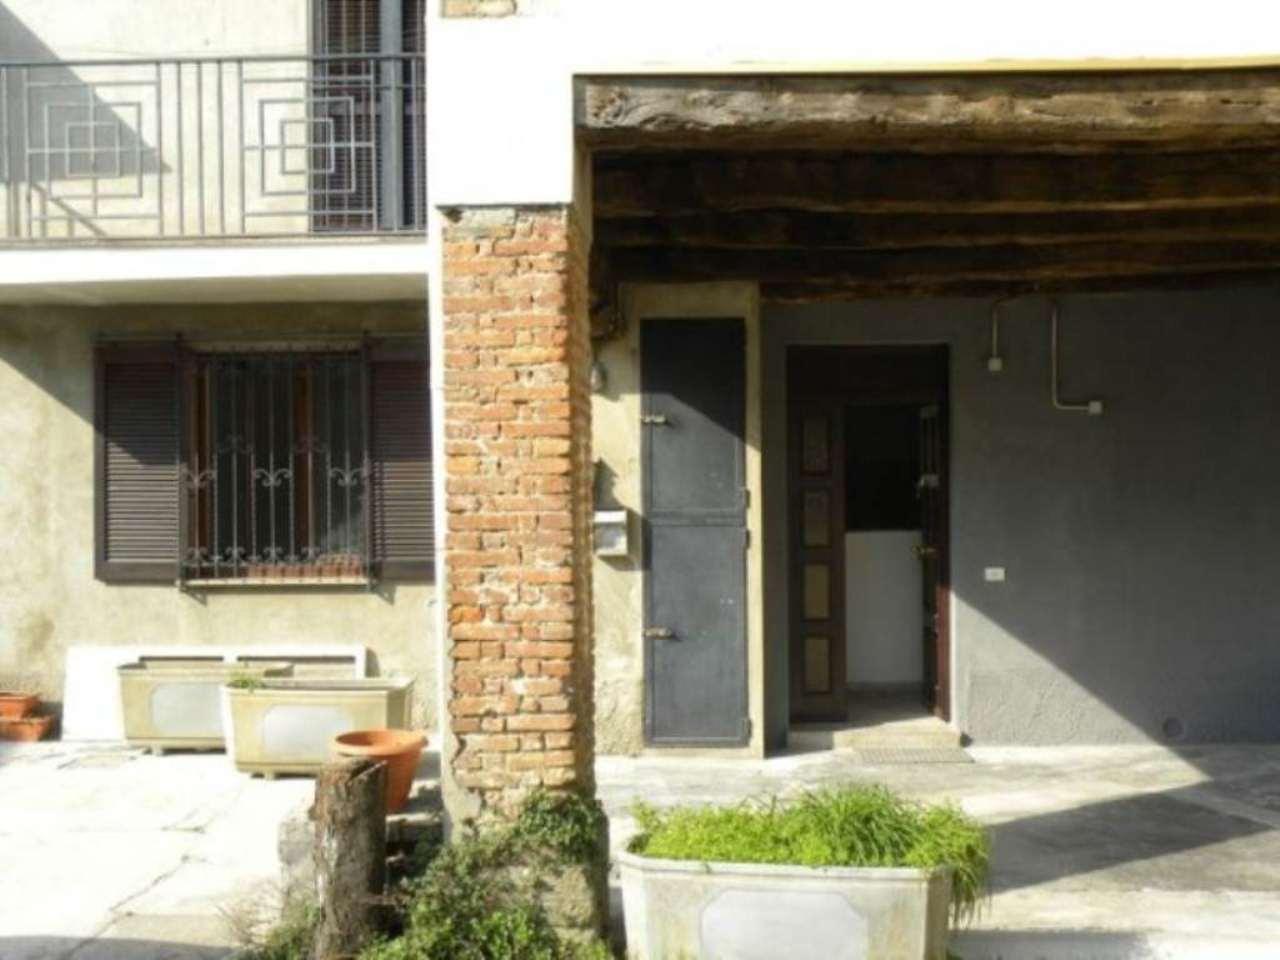 Soluzione Indipendente in vendita a Desio, 2 locali, prezzo € 80.000 | CambioCasa.it